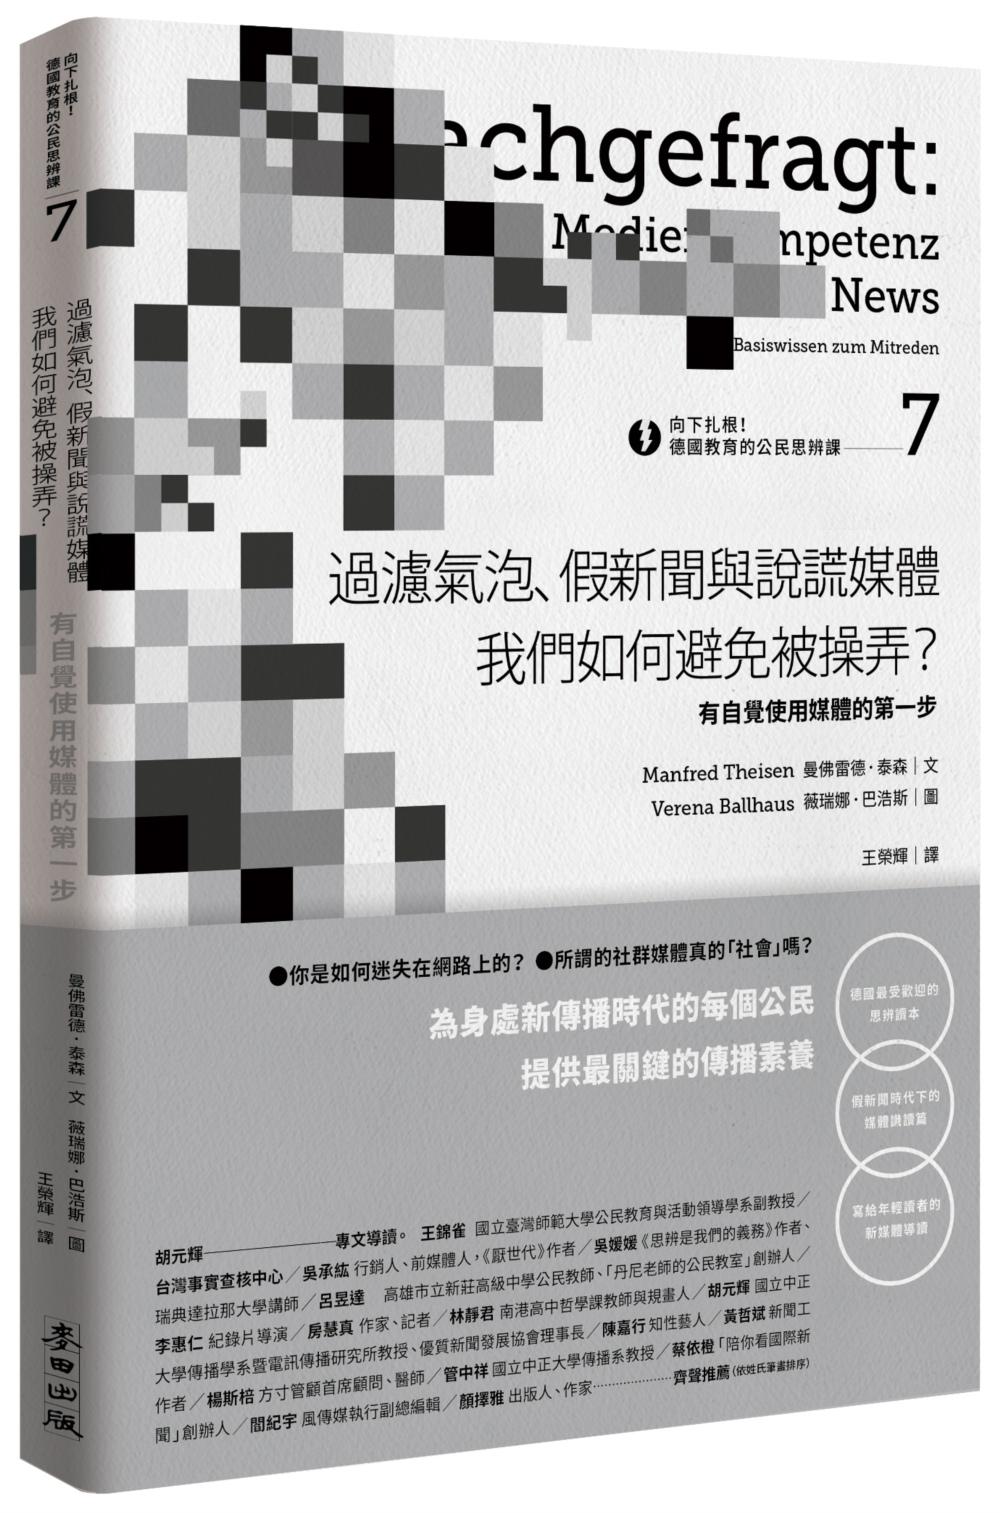 向下扎根!德國教育的公民思辨課7-「過濾氣泡、假新聞與說謊媒體──我們如何避免被操弄?」:有自覺使用媒體的第一步